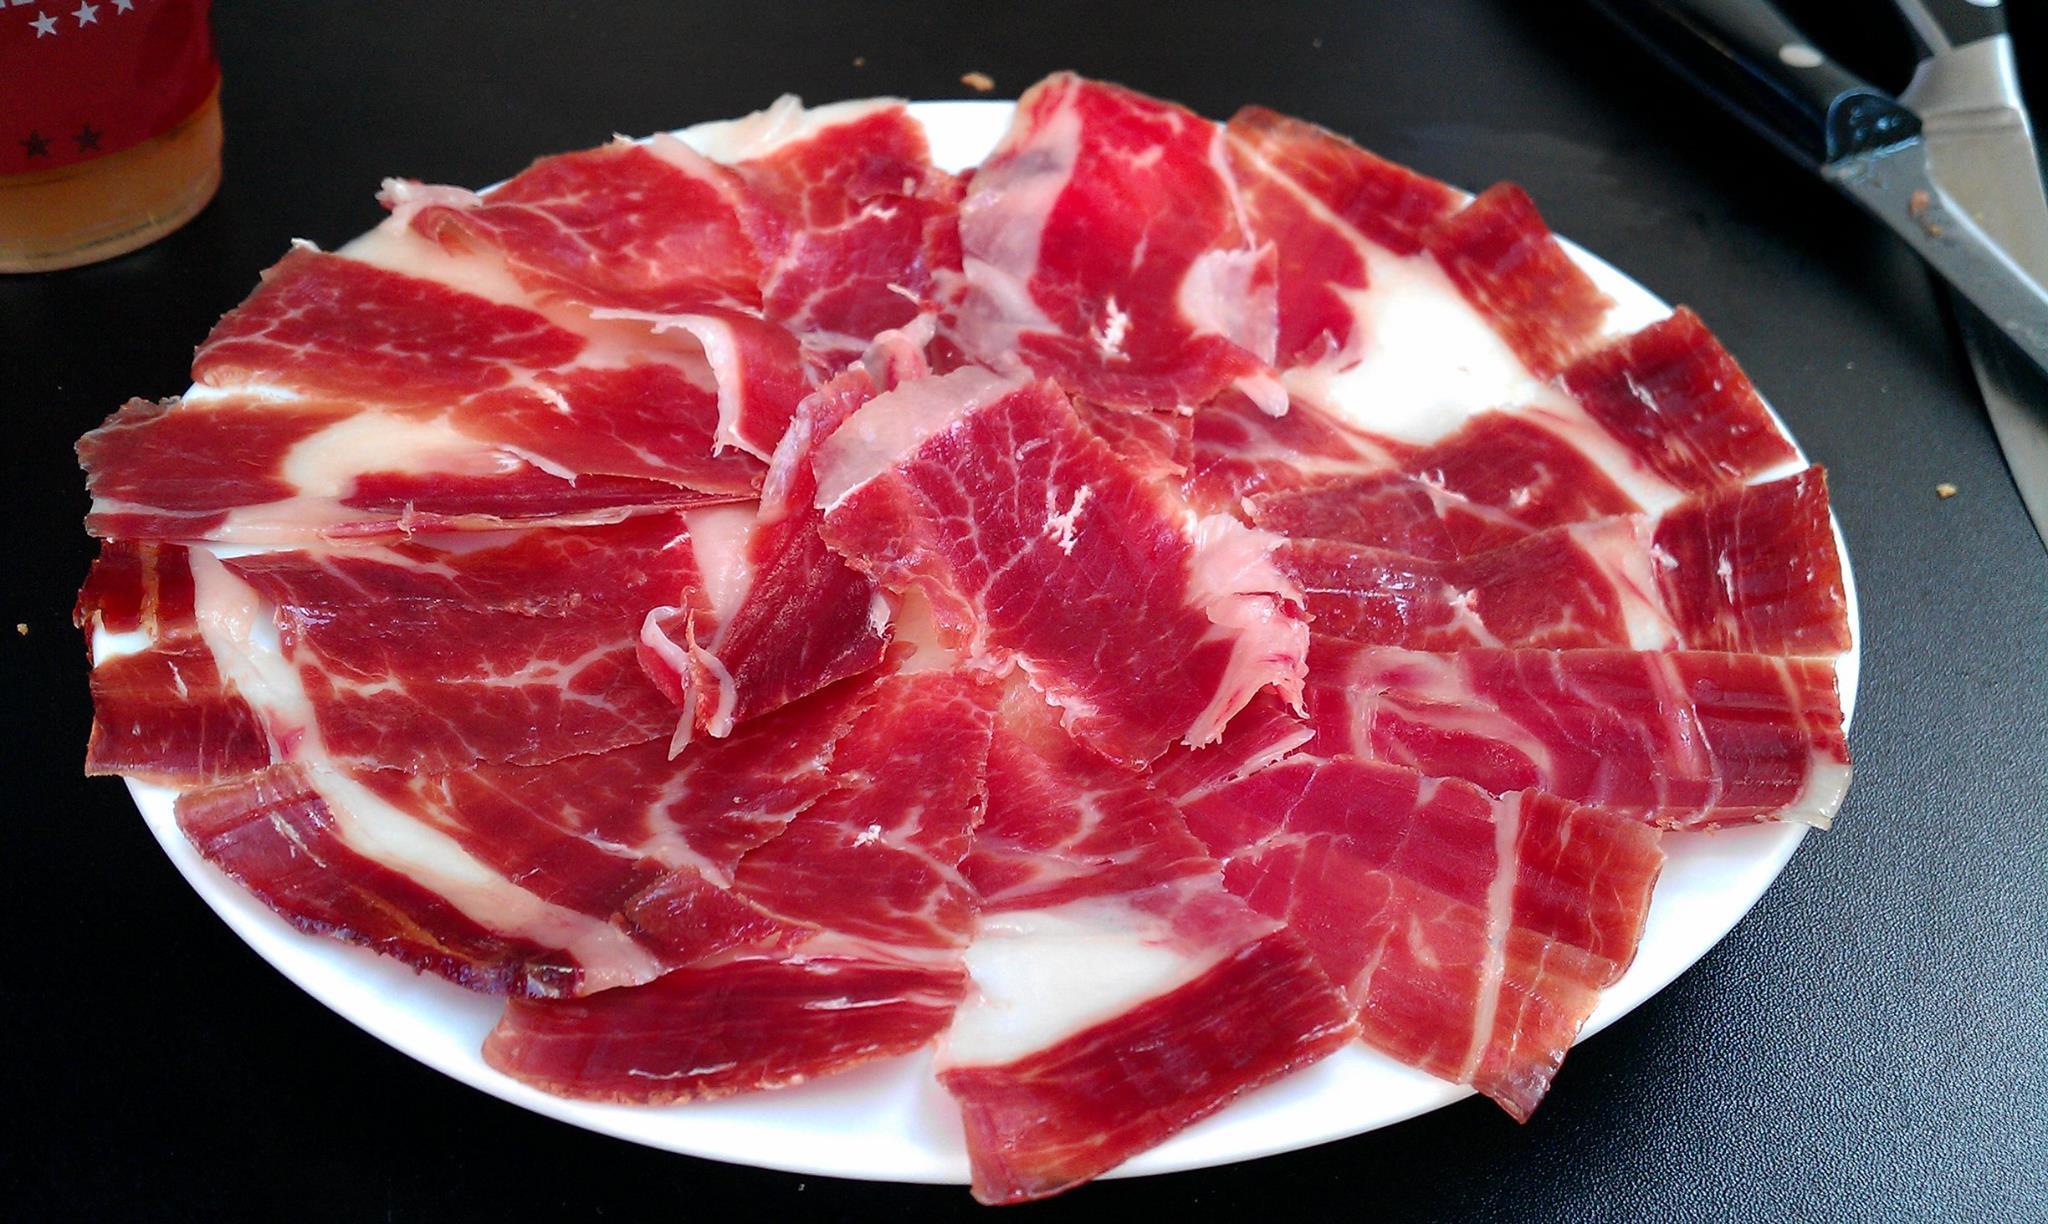 Le porc ibérique dans les rues d'Alberca, surprise!